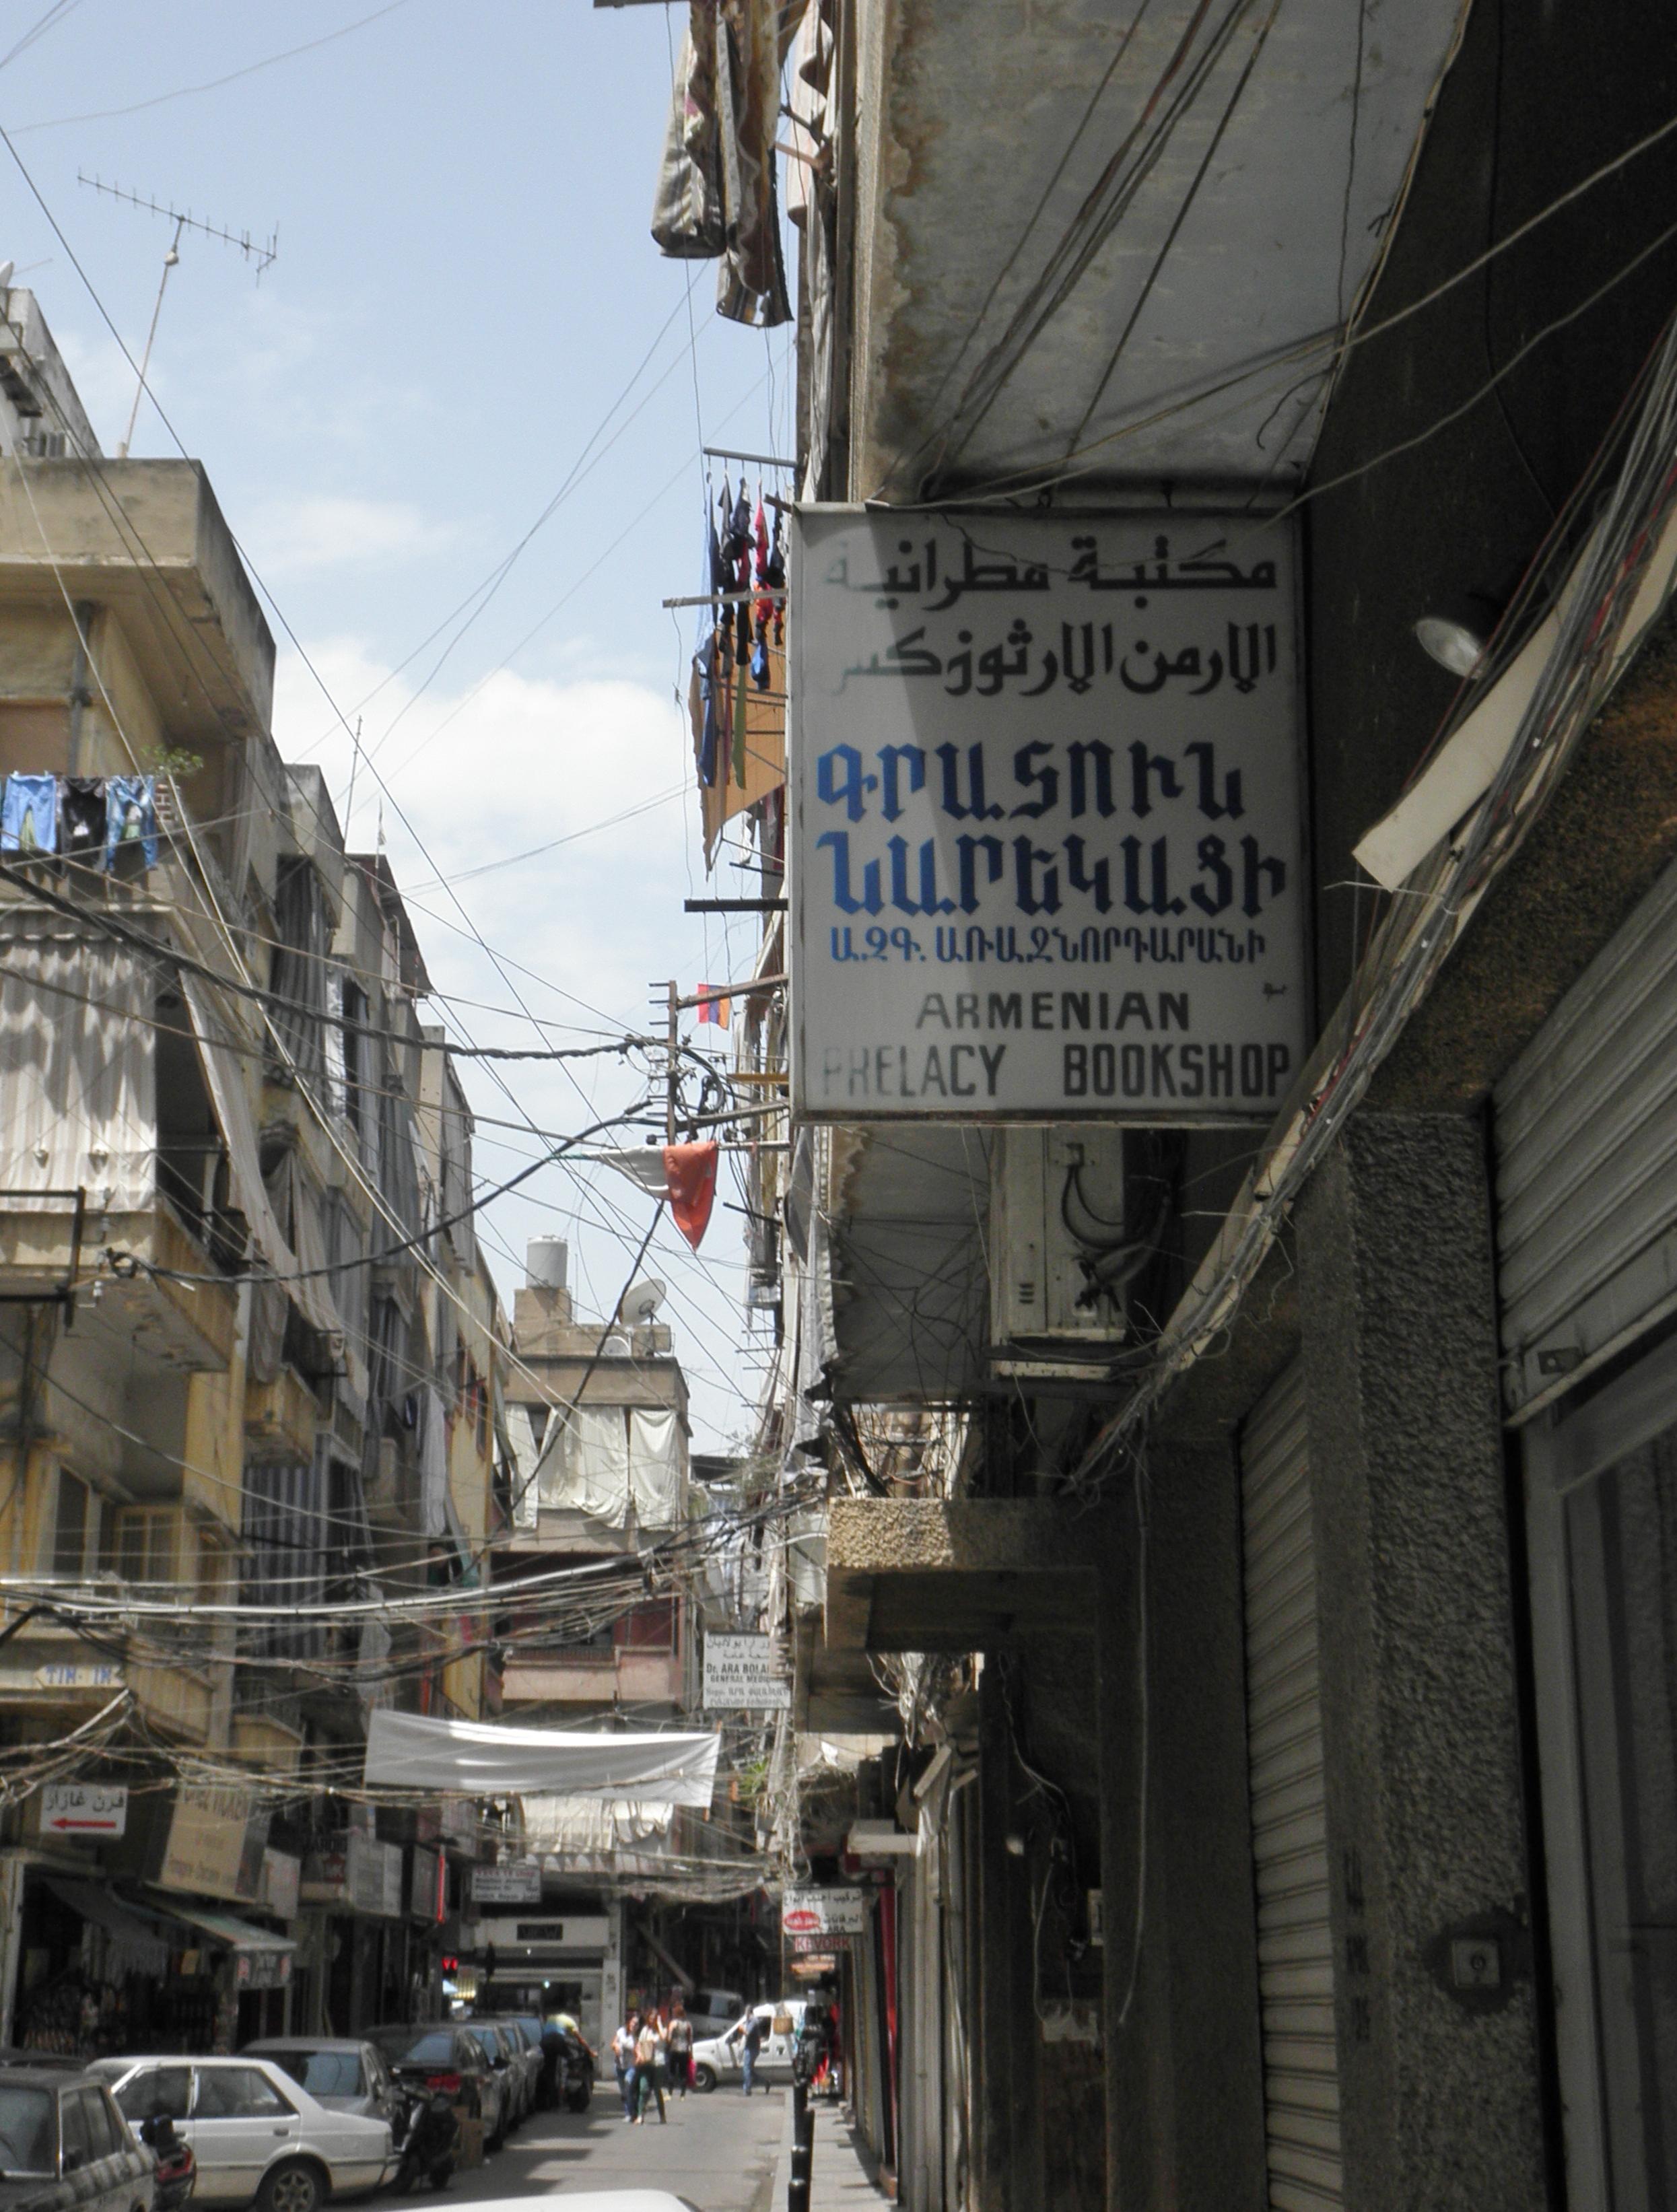 Armenian kieltä kirjoitetaan omalla aakkostollaan, jota näkee paljon Bourj Hammoudin katukuvassa.